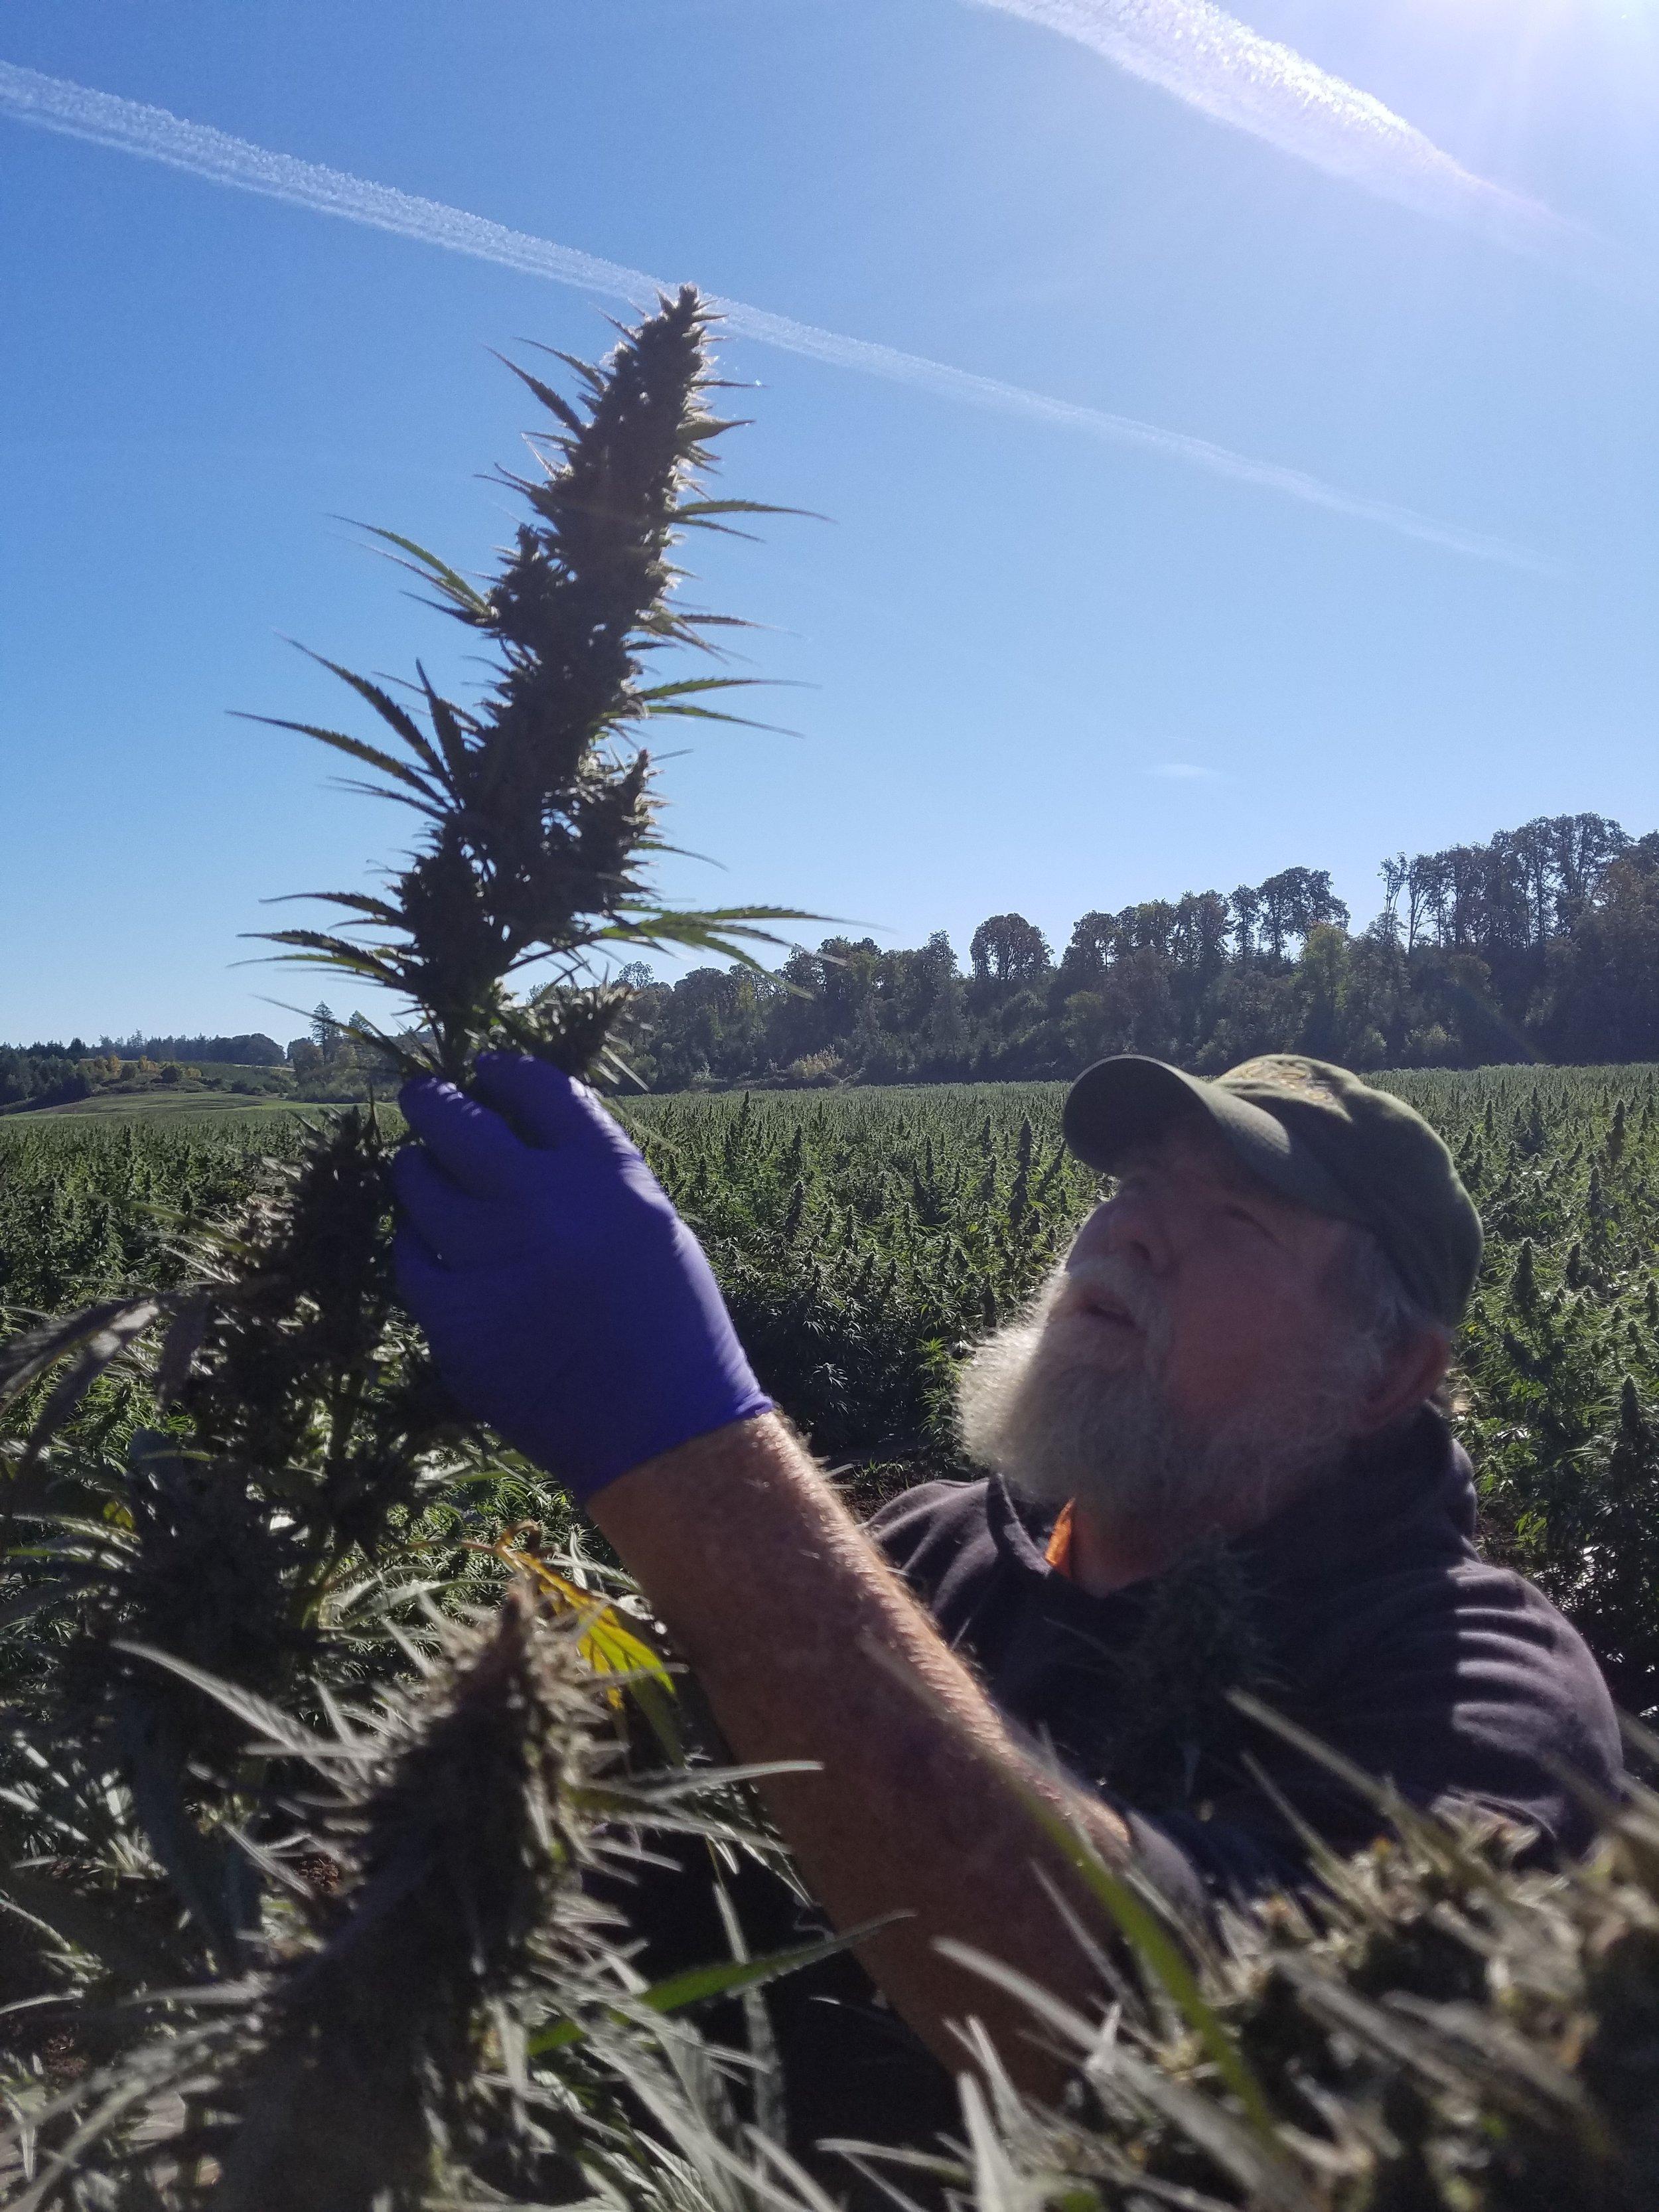 Biomass - Hemp In Field 4